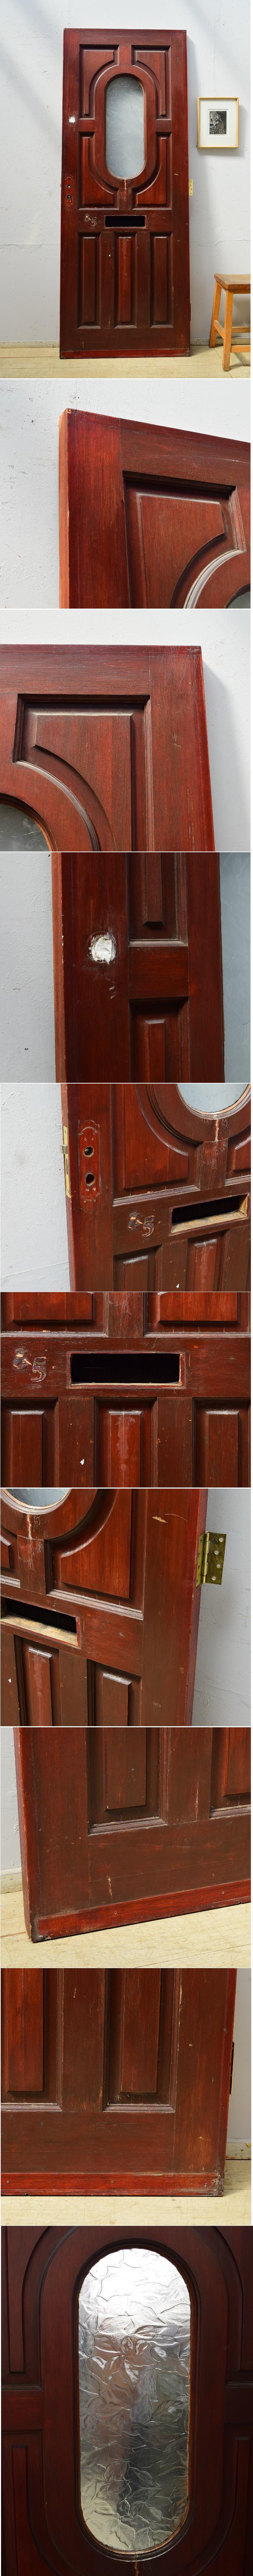 イギリス アンティーク ガラス入り木製ドア 扉 ディスプレイ 建具 6508